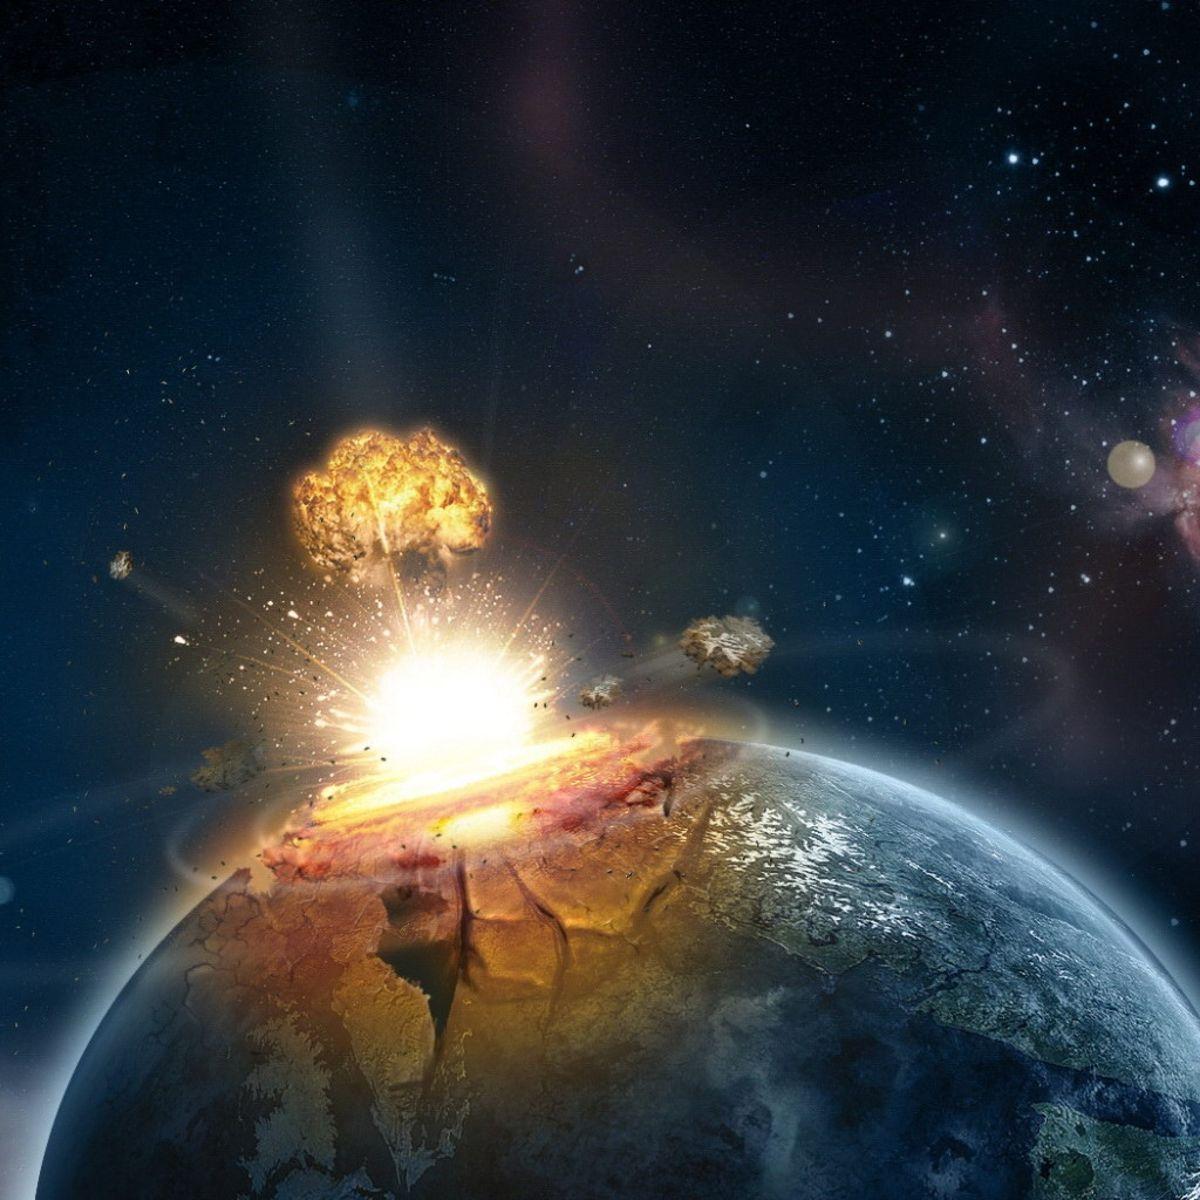 asteroidkillsthedinos.jpeg